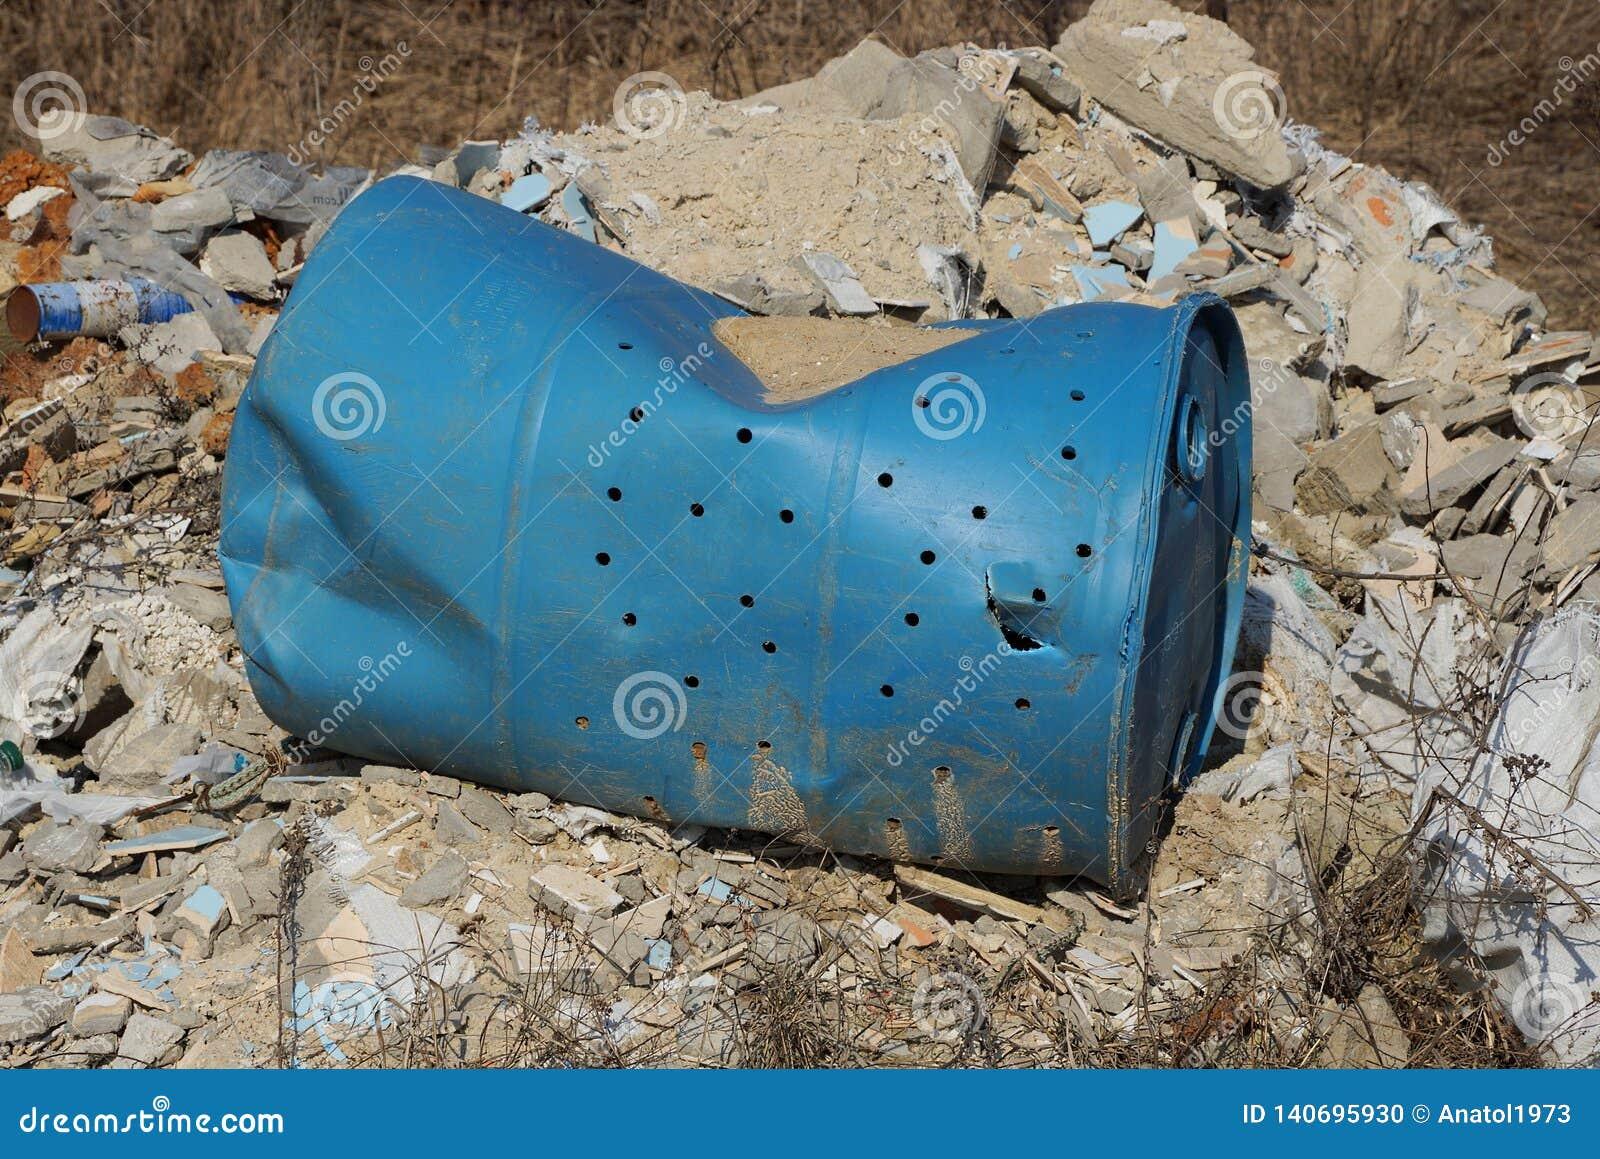 Blaues altes zerknittertes Plastikfaß liegt auf einem Stapel des Abfalls auf der Straße